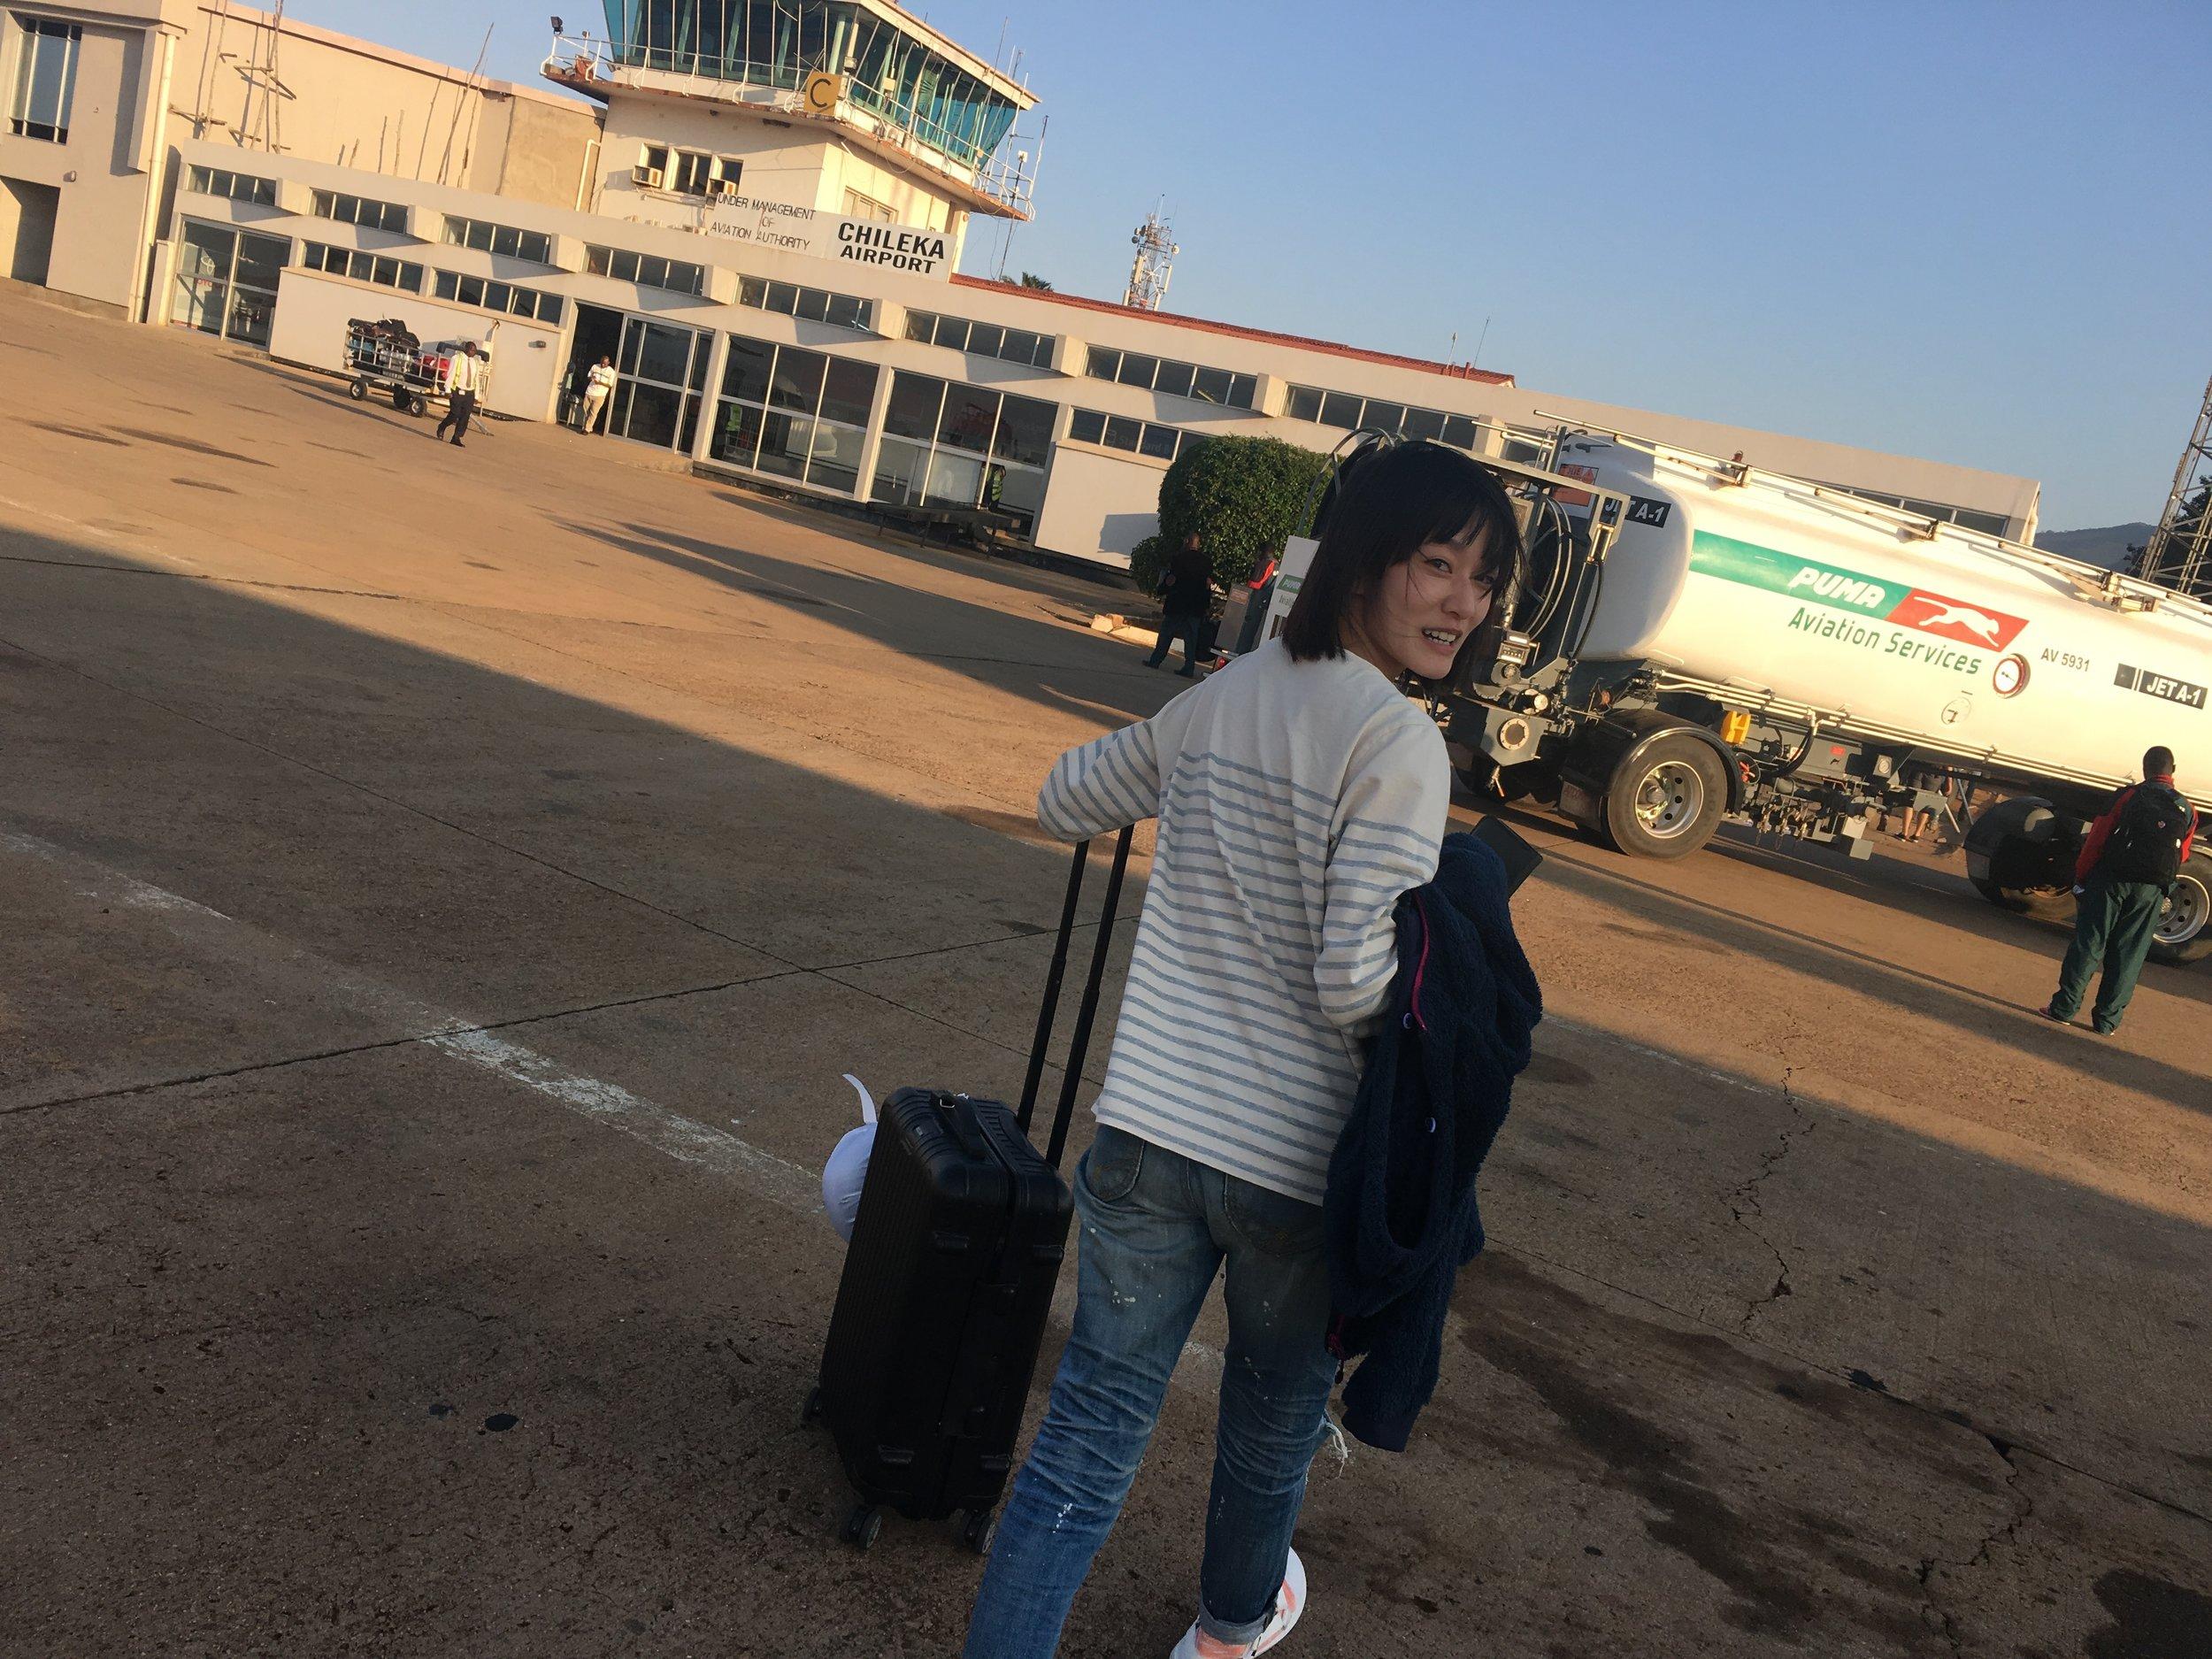 像是福利社大小一般一切人工,簡陋但有種幽默溫馨的機場  人可以自由進出海關幫忙提領行李,協助報到也是很奇妙。